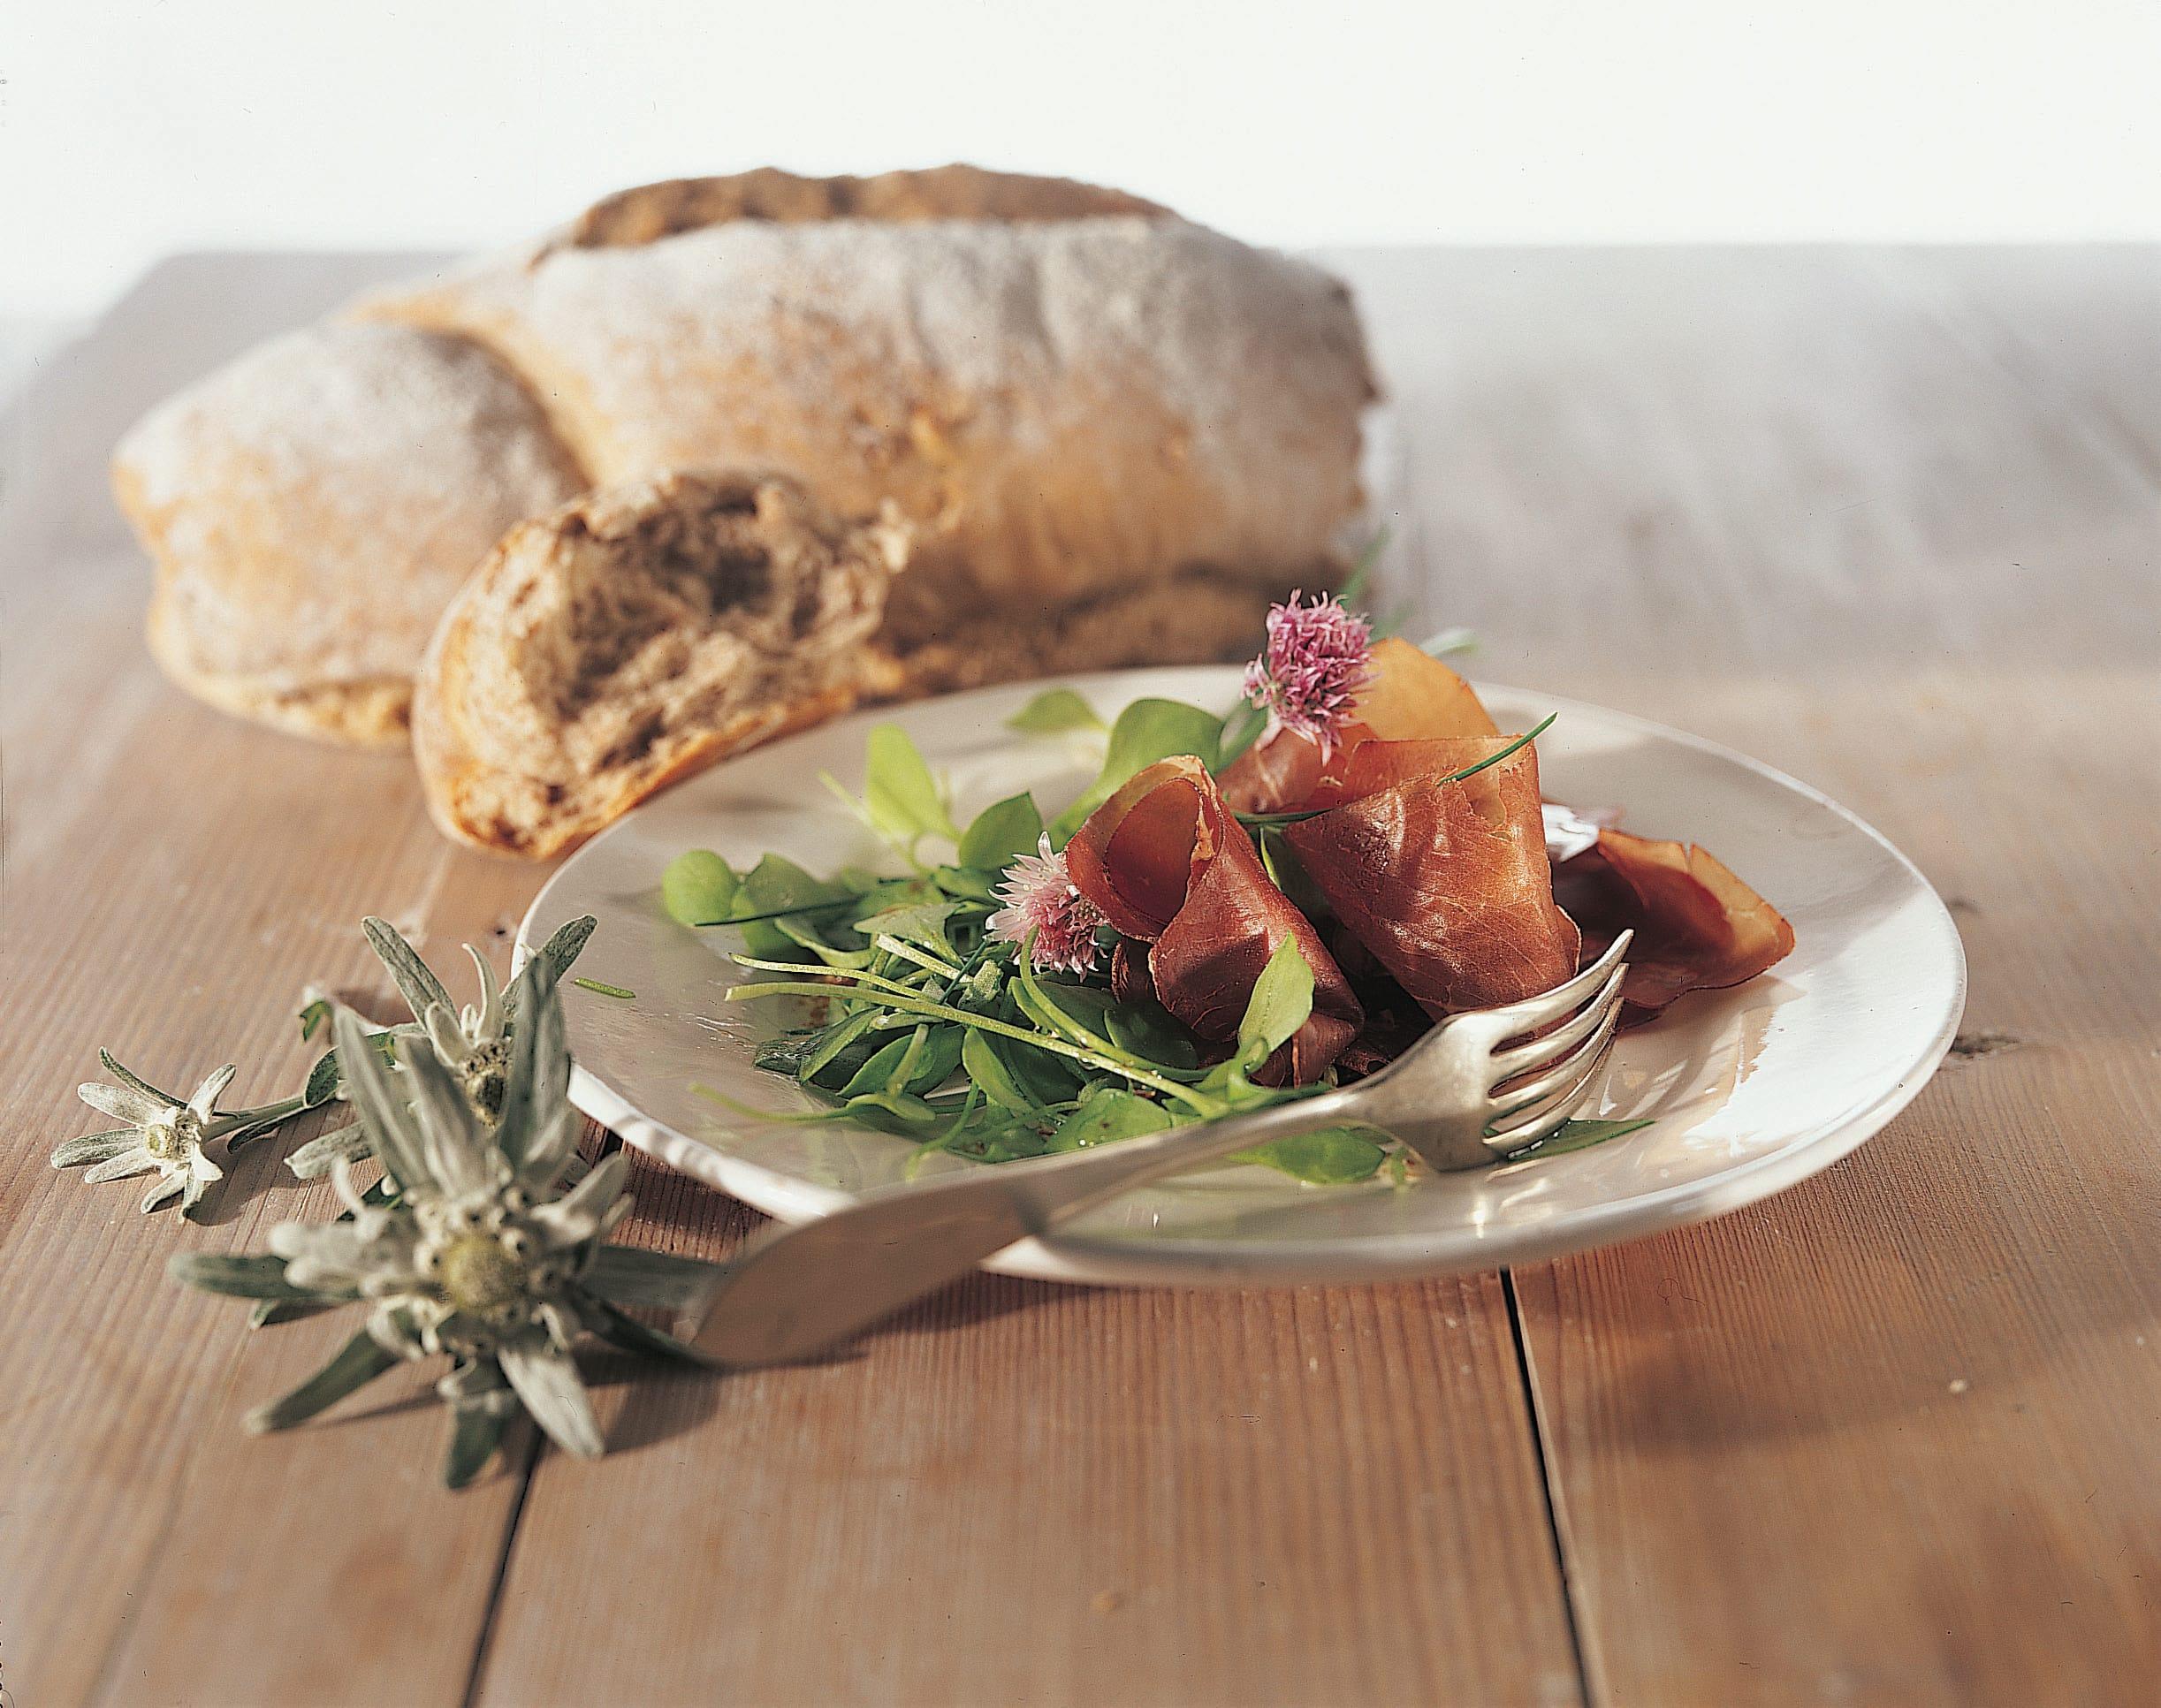 Bündnerfleisch mit Schnittlauch-Nussöl-Vinaigrette und Nussbrot